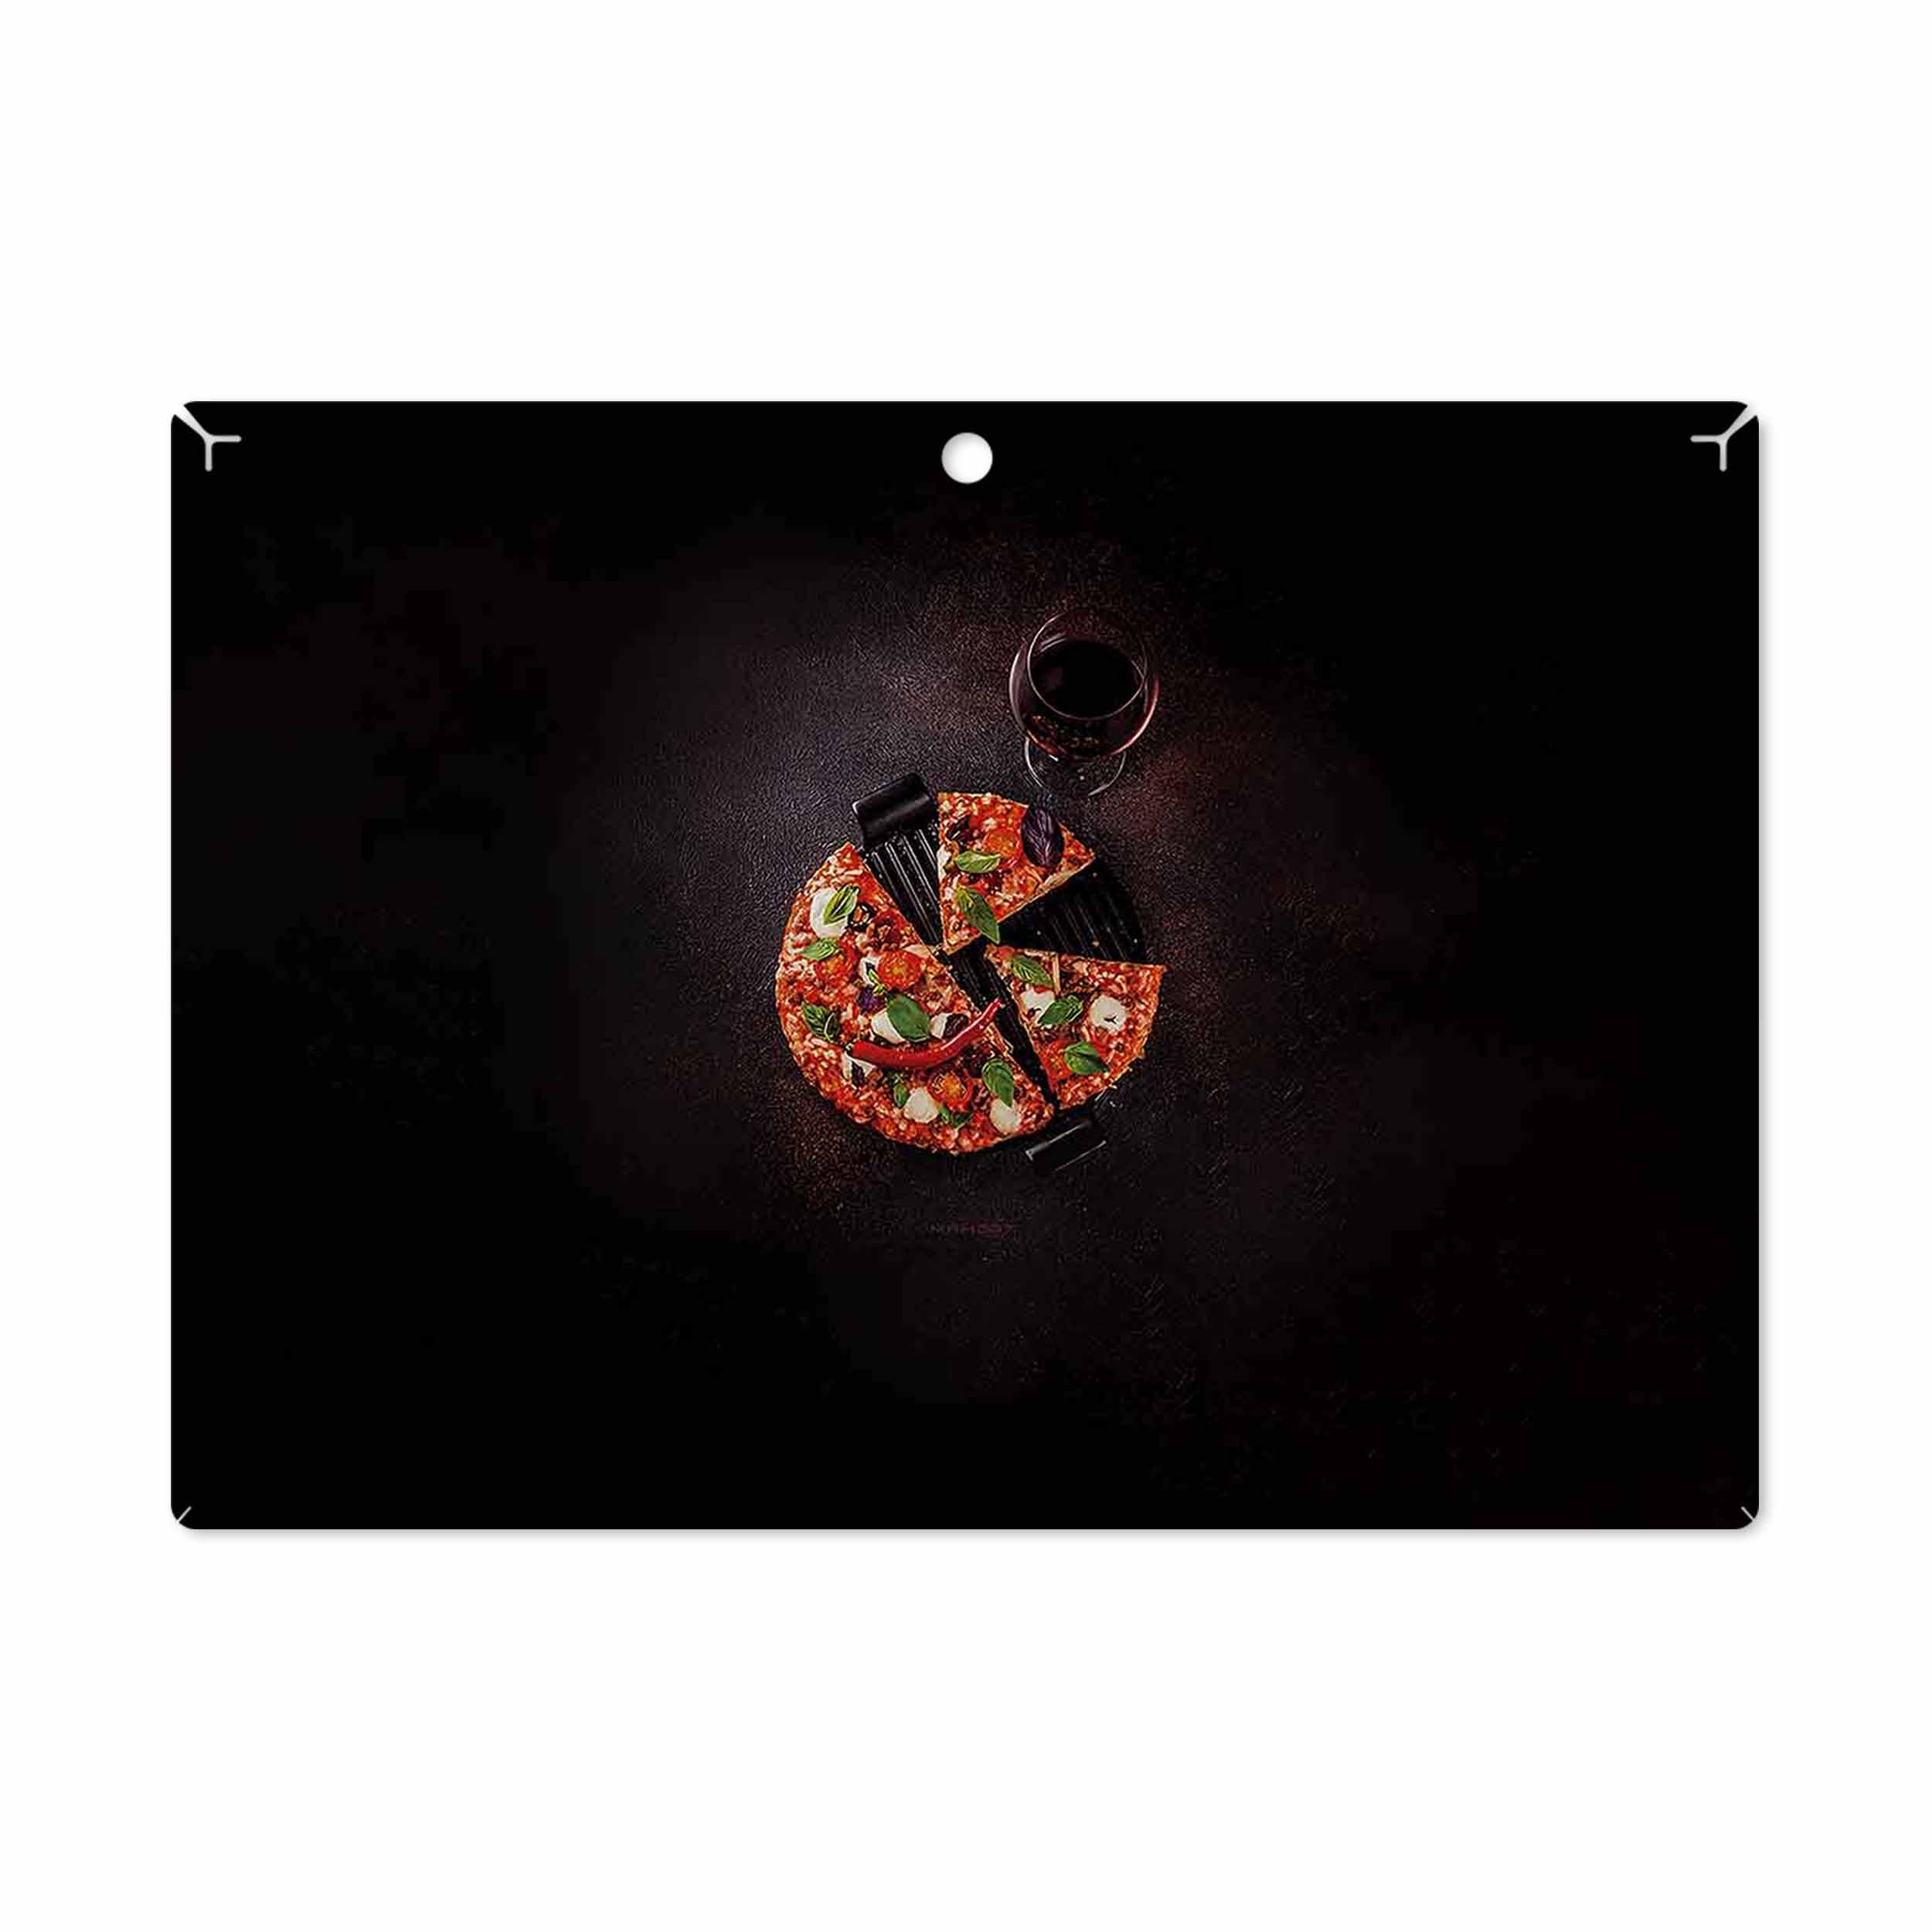 بررسی و خرید [با تخفیف]                                     برچسب پوششی ماهوت مدل Pizza مناسب برای تبلت لنوو Miix 320 2017                             اورجینال